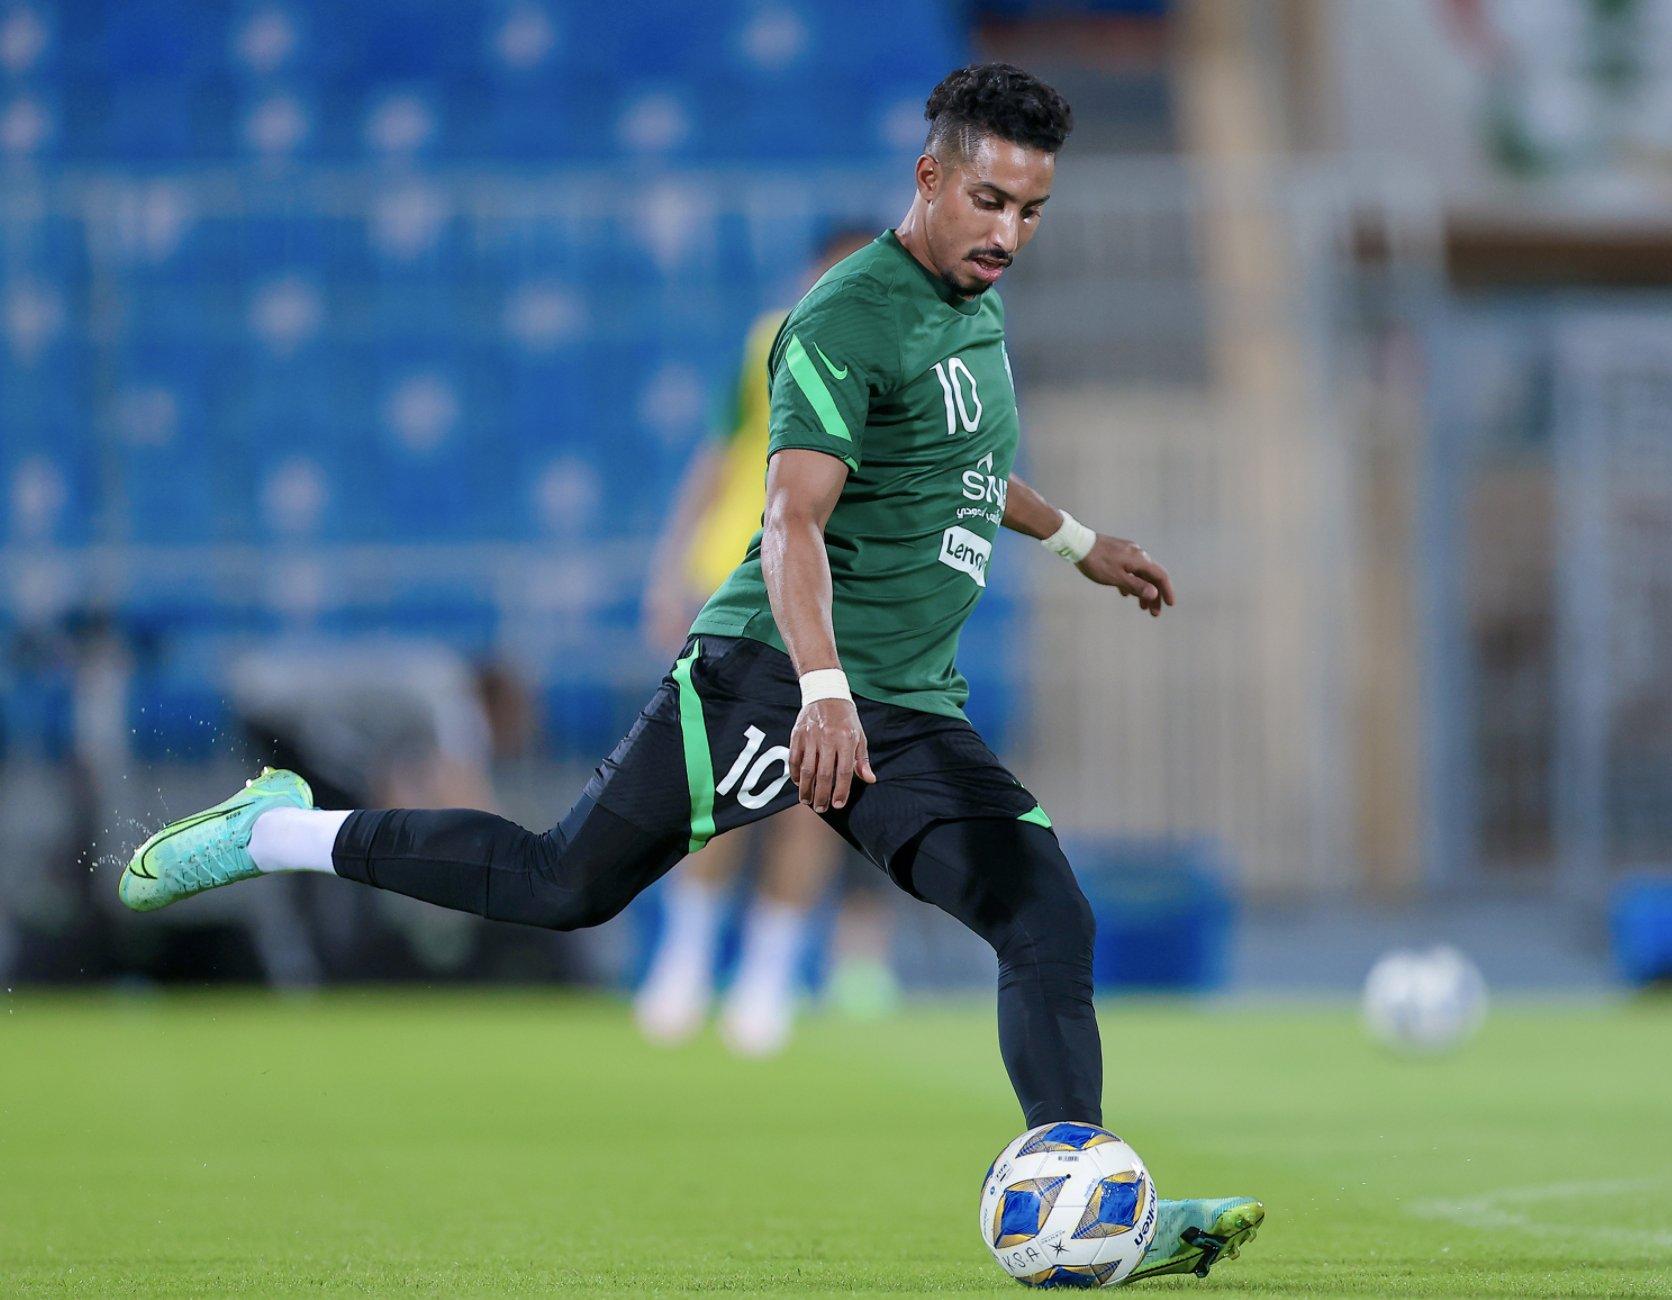 Dawsari có thể là cầu thủ nguy hiểm nhất bên phía Saudi Arabia. Ảnh: Saudi NT